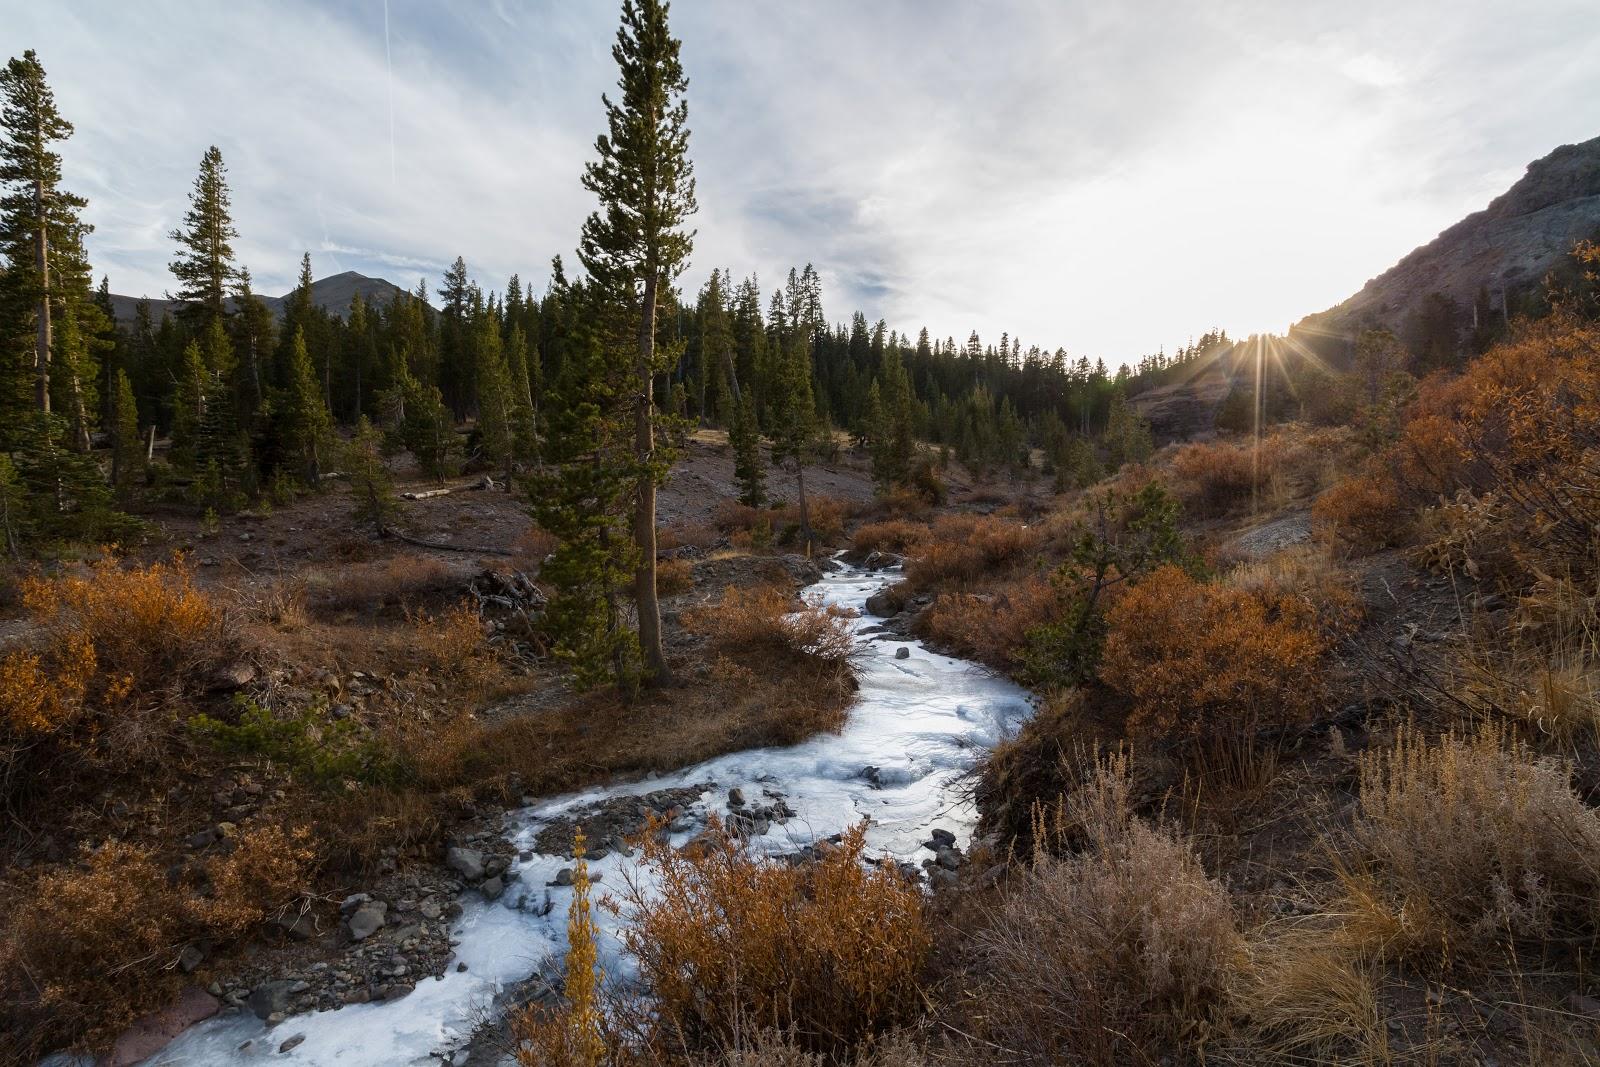 Naturetastic Blog: Forest Service Route 077 (Part 4